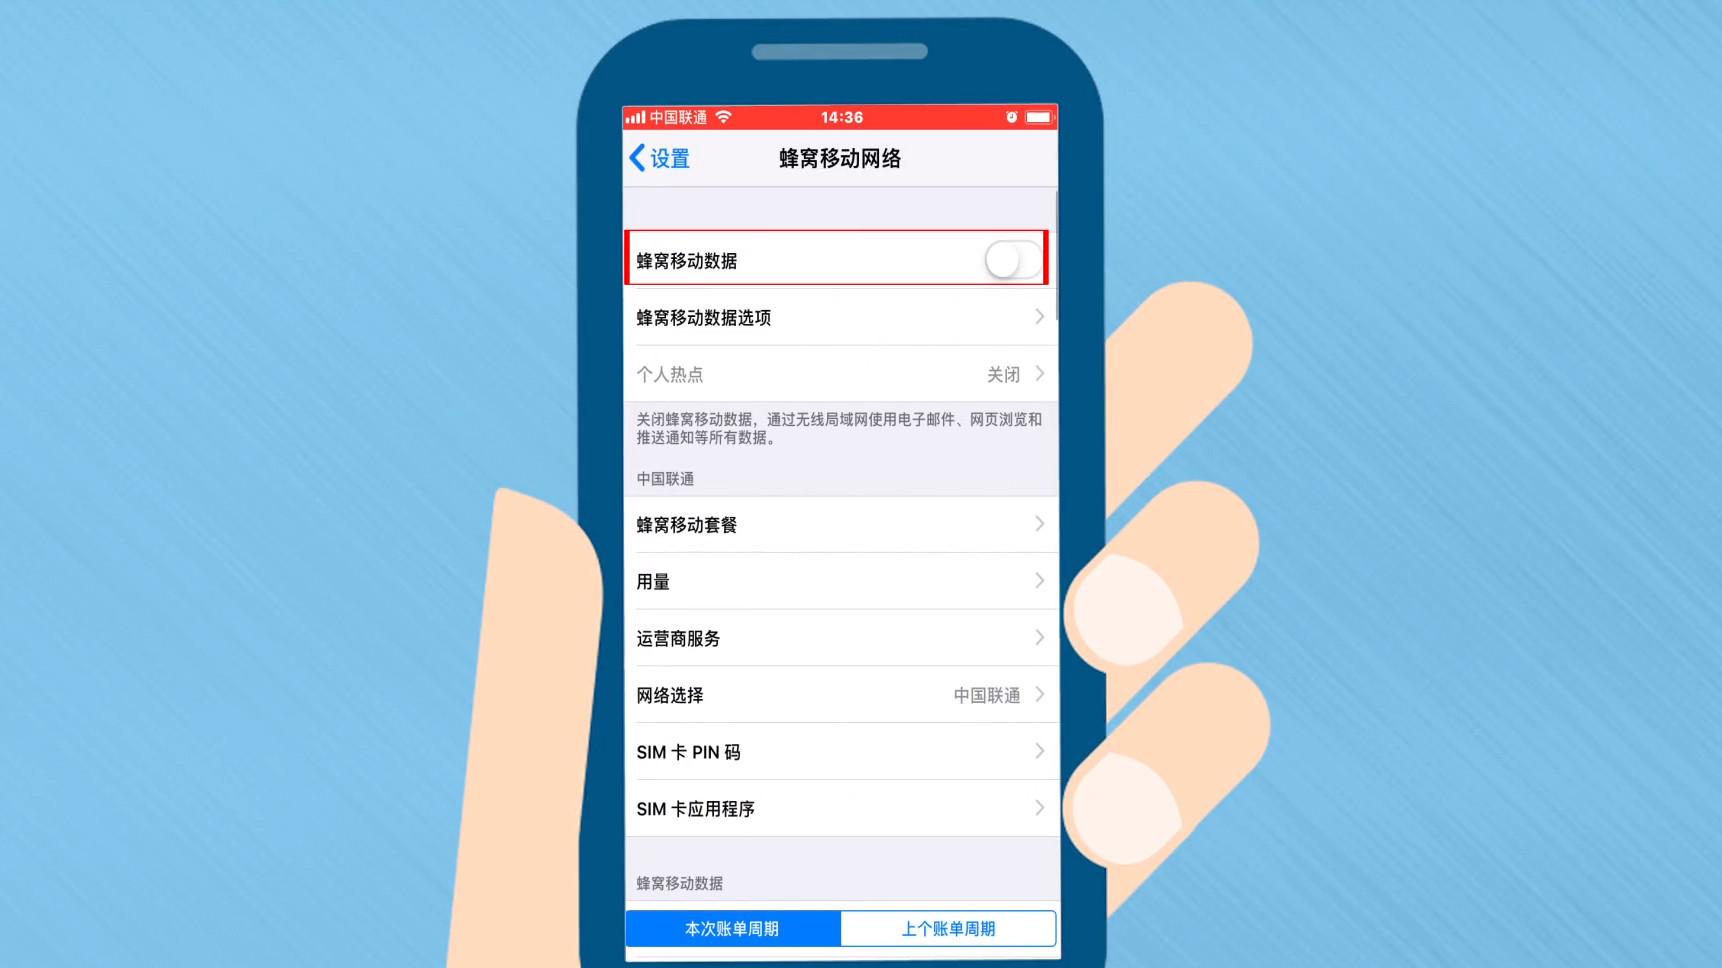 换机精灵app官方下载:一款能够保护数据安全完成迁移操作的手机软件